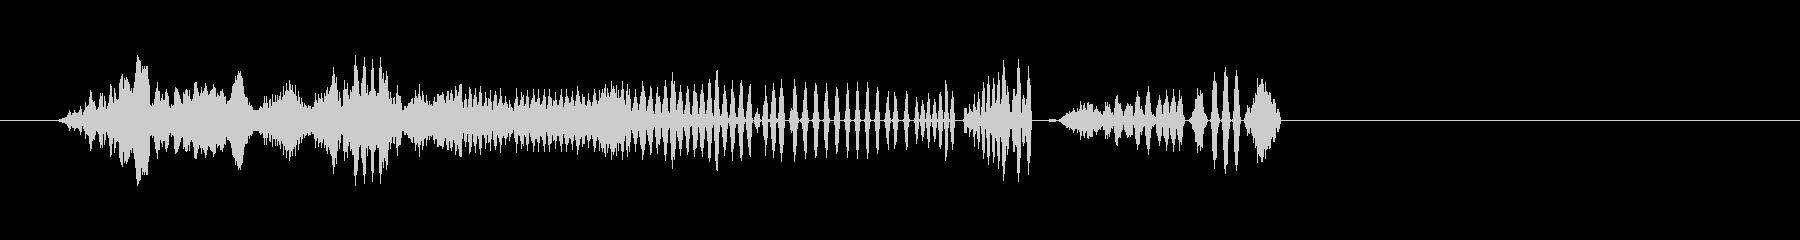 厳しいバズストレッチボーカルで動作...の未再生の波形